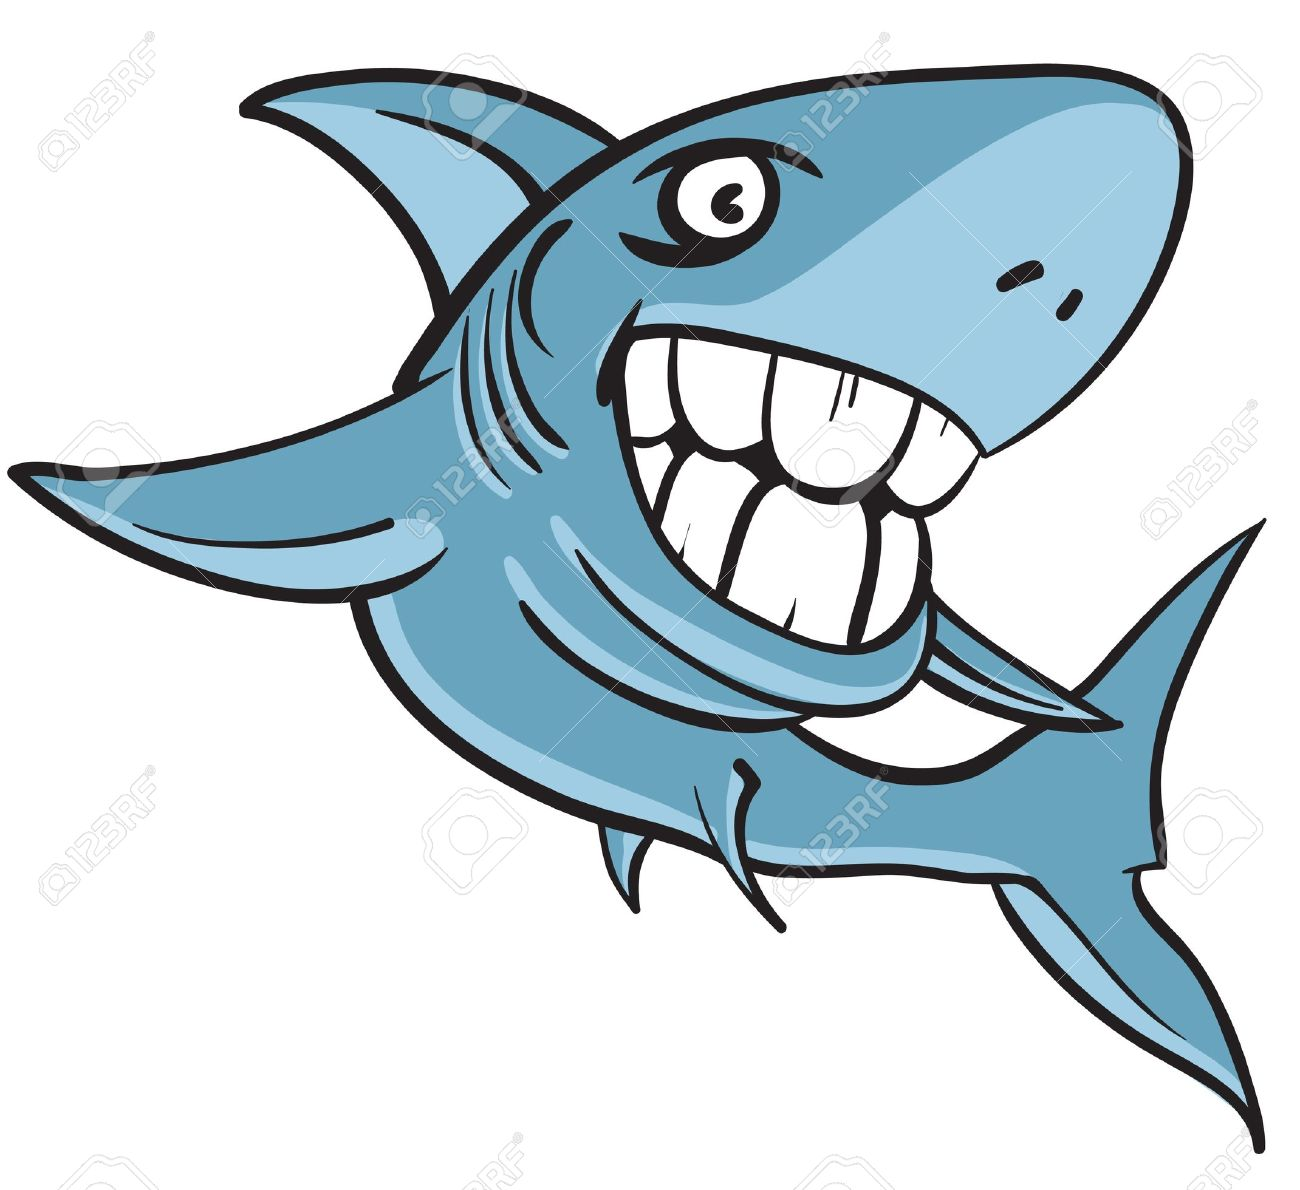 Atractivo Gran Diagrama Anatomía Tiburón Blanco Viñeta - Imágenes de ...